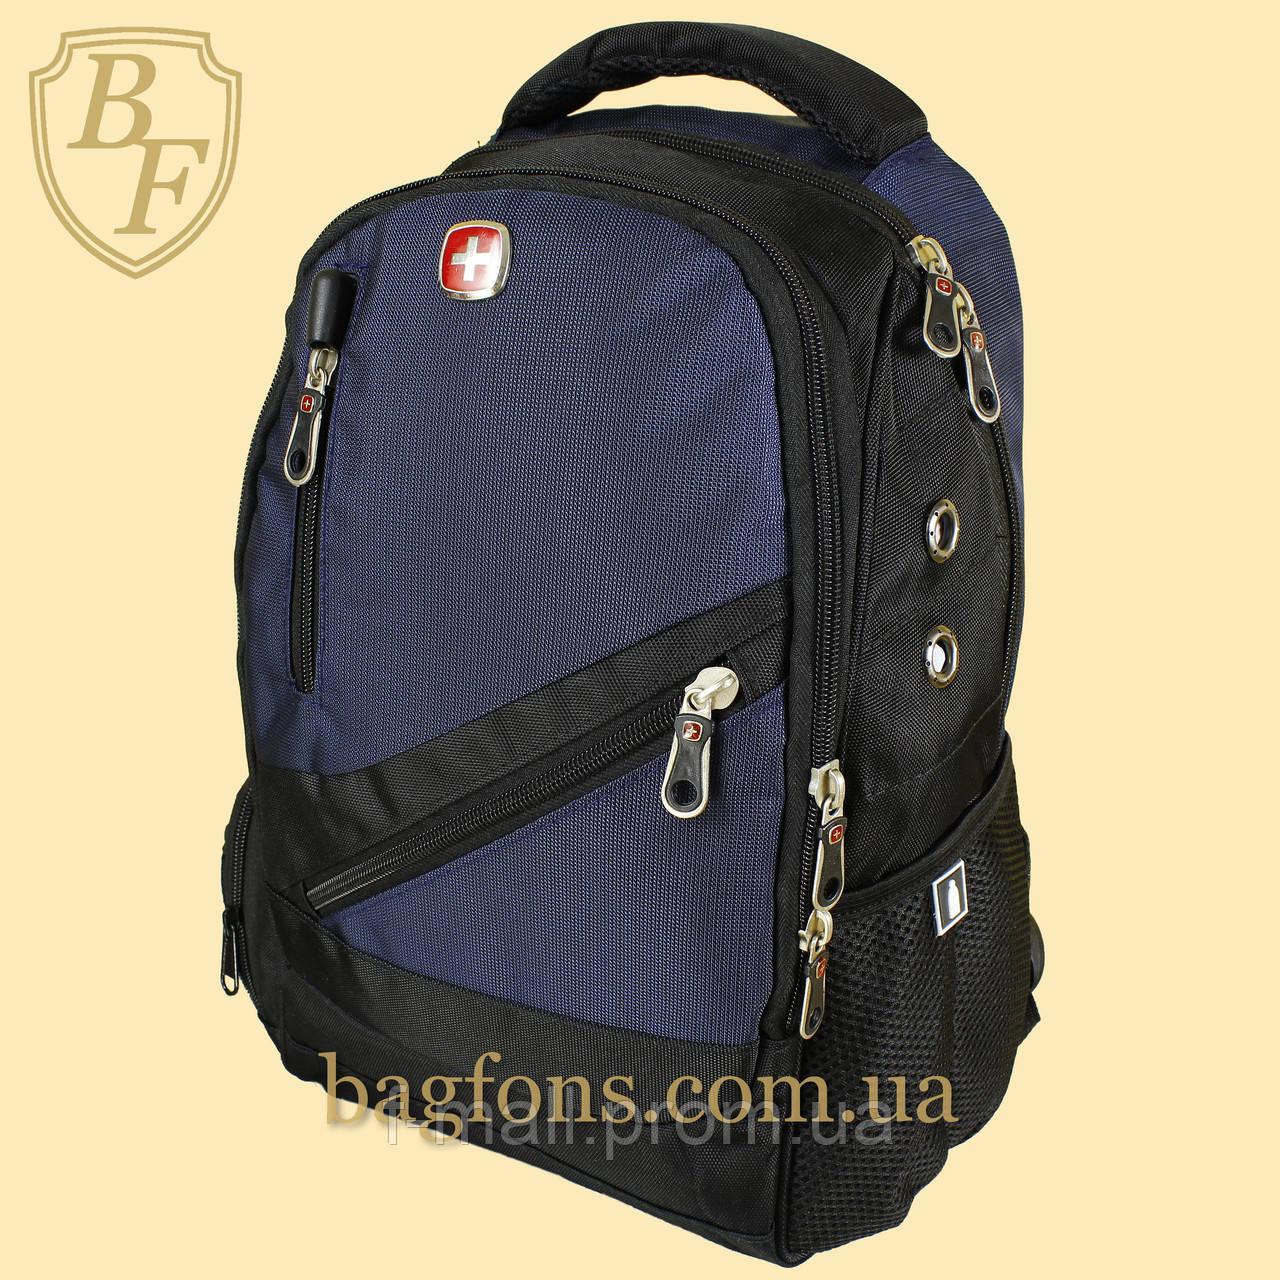 Рюкзак городской школьный SwissGear 17л Синий (8815-1)